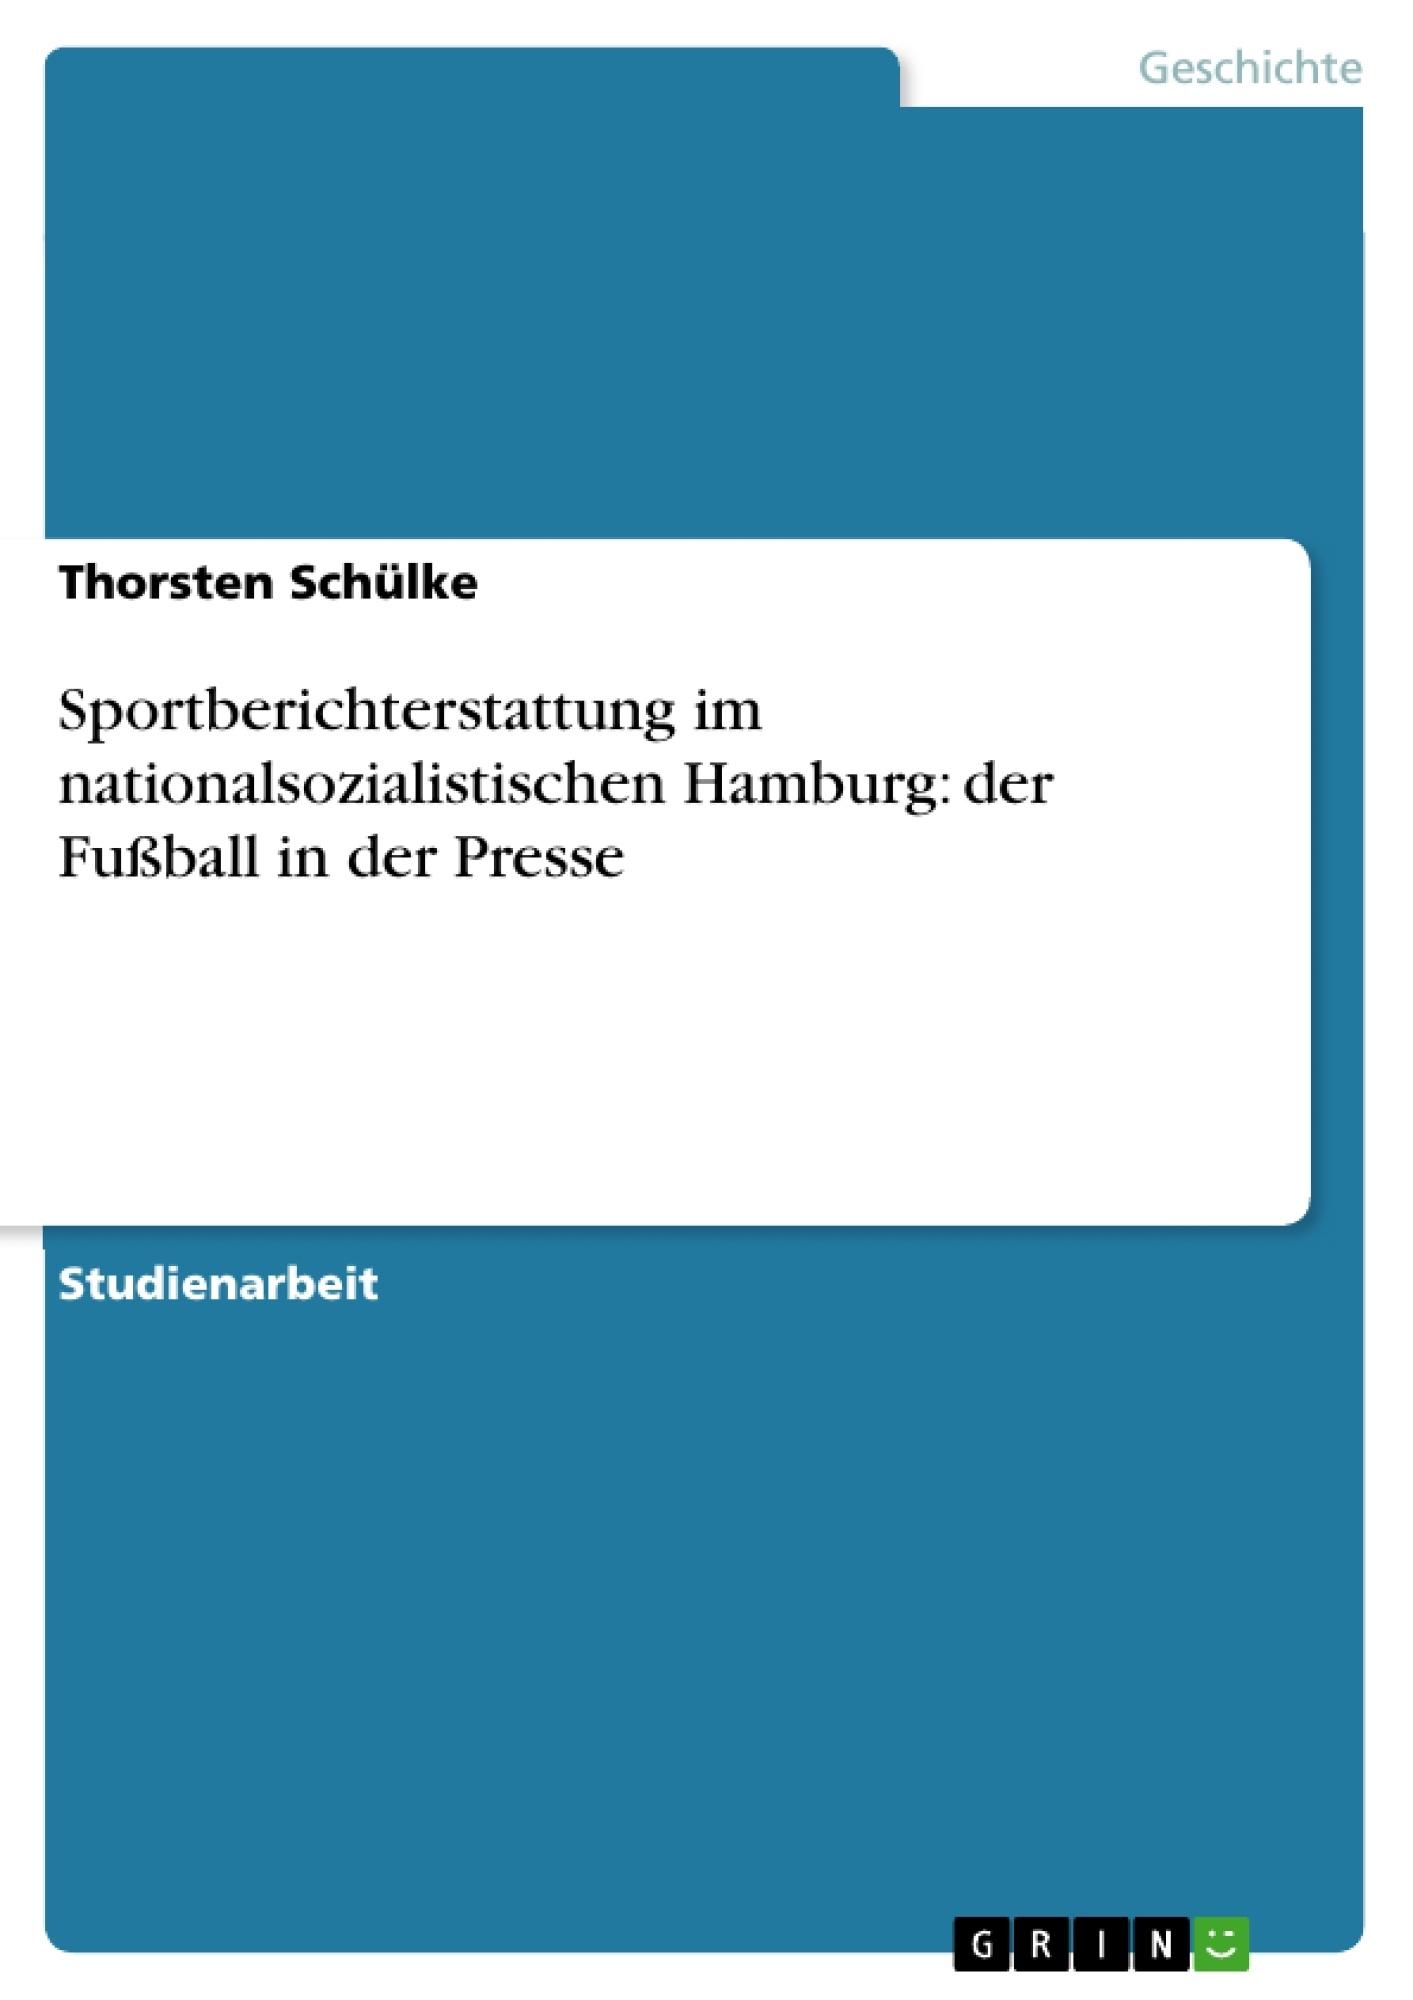 Titel: Sportberichterstattung im nationalsozialistischen Hamburg: der Fußball in der Presse